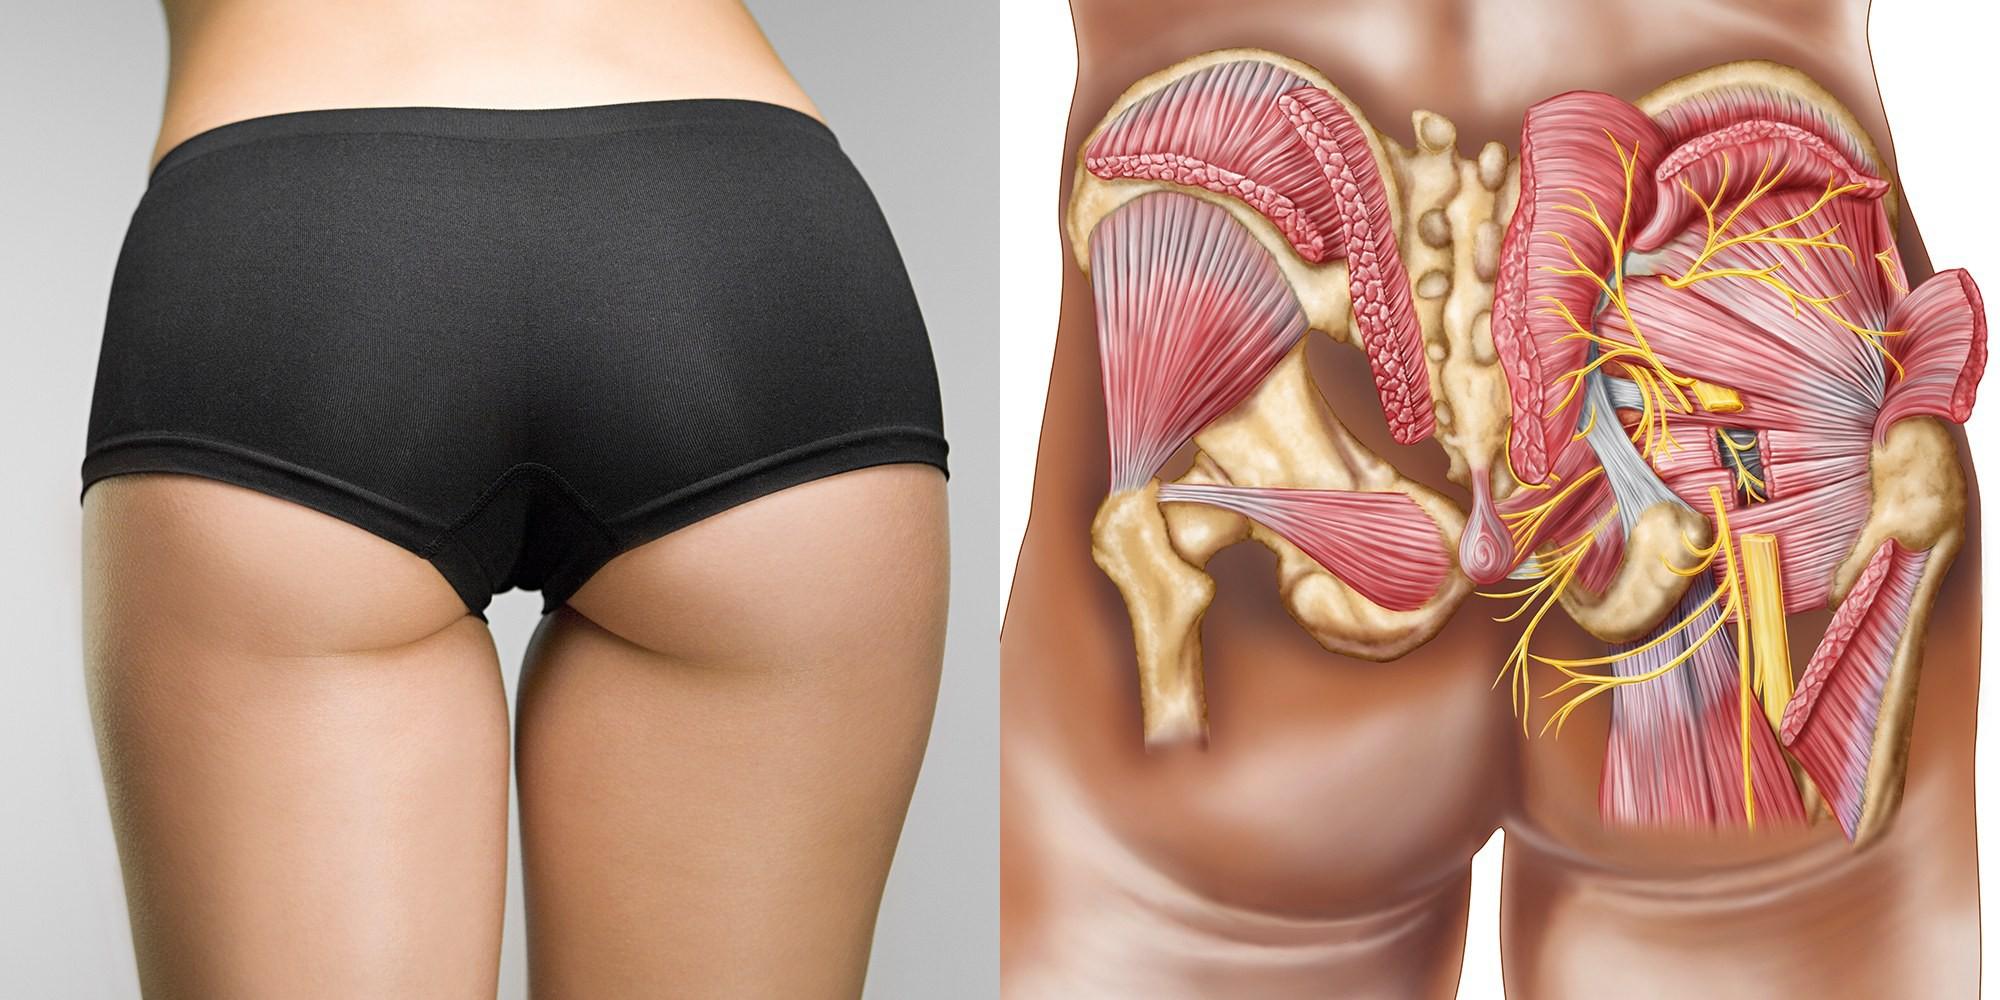 Đau vùng mông trong những ngày đèn đỏ: Dù ít gặp nhưng có thể do những bệnh nghiêm trọng gây ra - Ảnh 1.